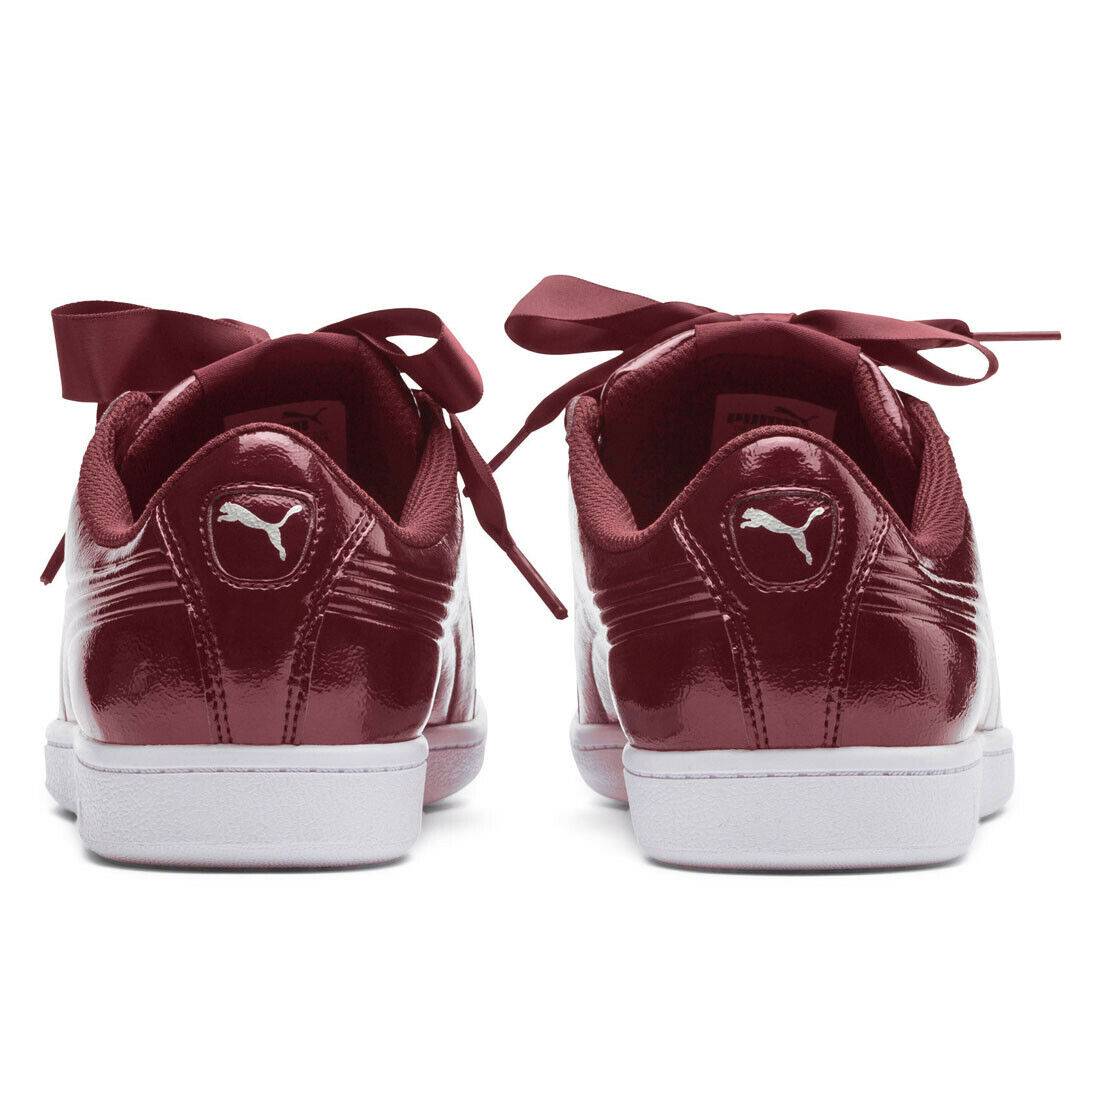 Puma Basket Vikky Nastro P Scarpe Sportive Donna Bordeaux Bordeaux Bordeaux Rosso Scarpe da Donna d9adbd